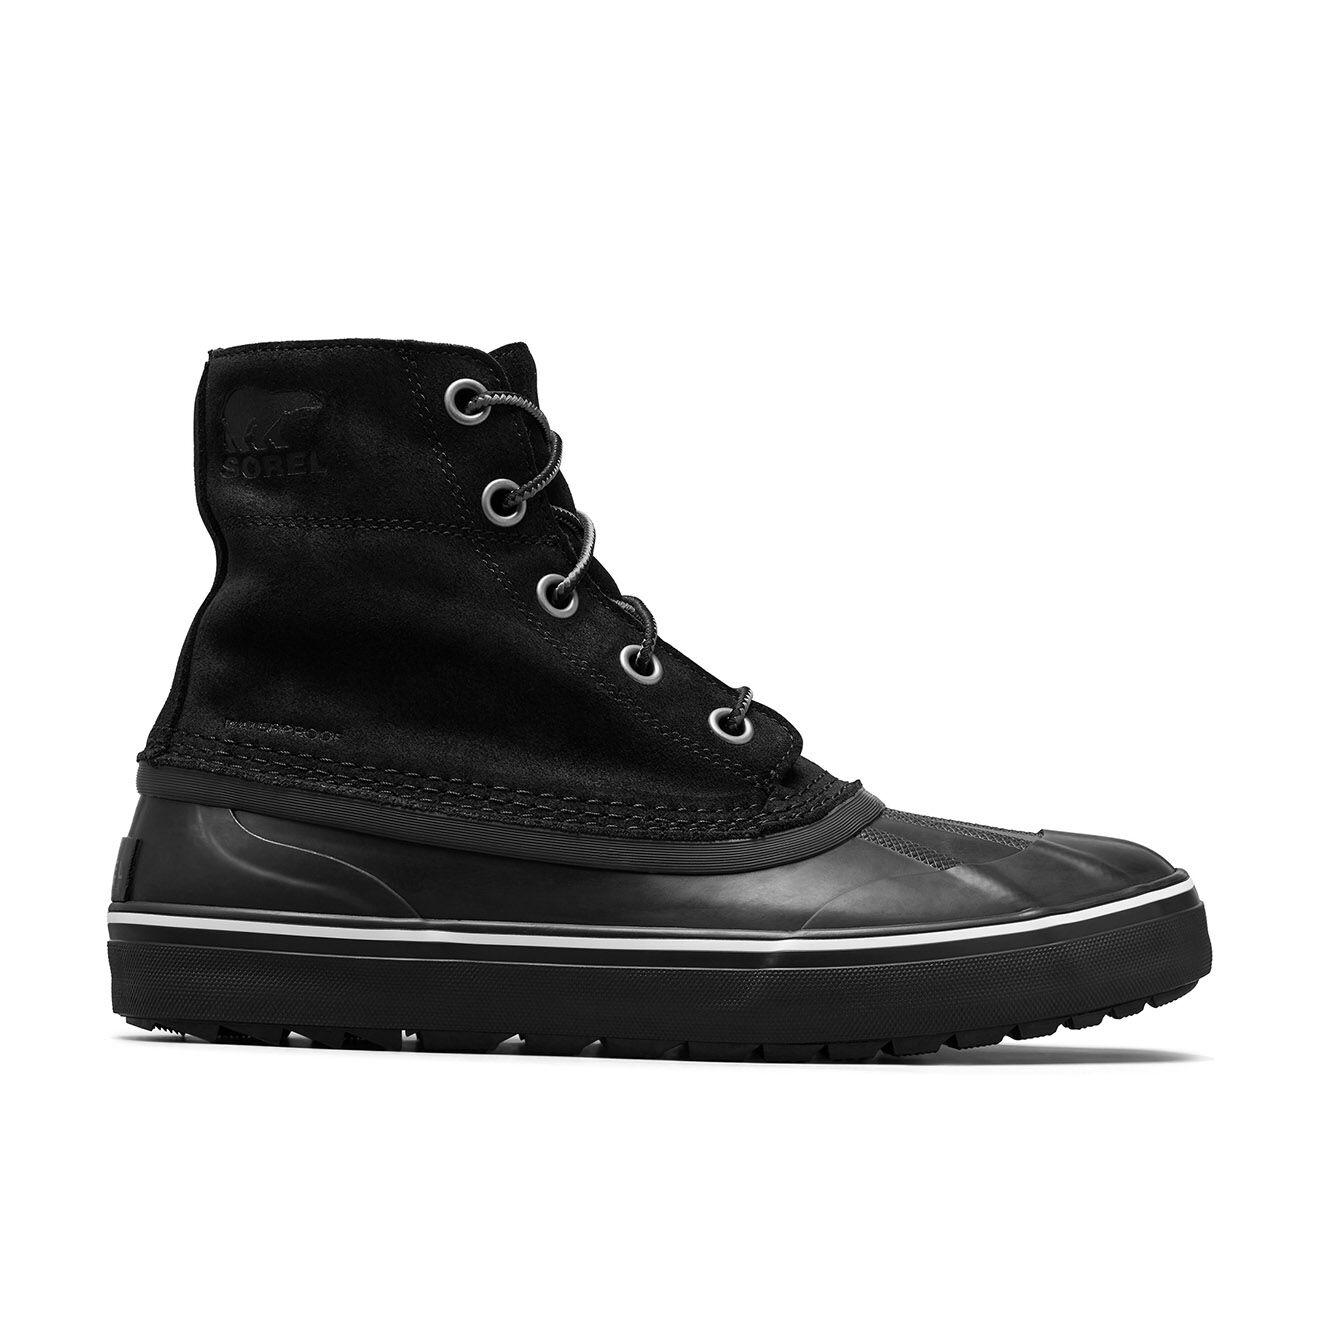 Chaussures imperméables en Velours de Cuir Cheyanne - Sorel - Modalova